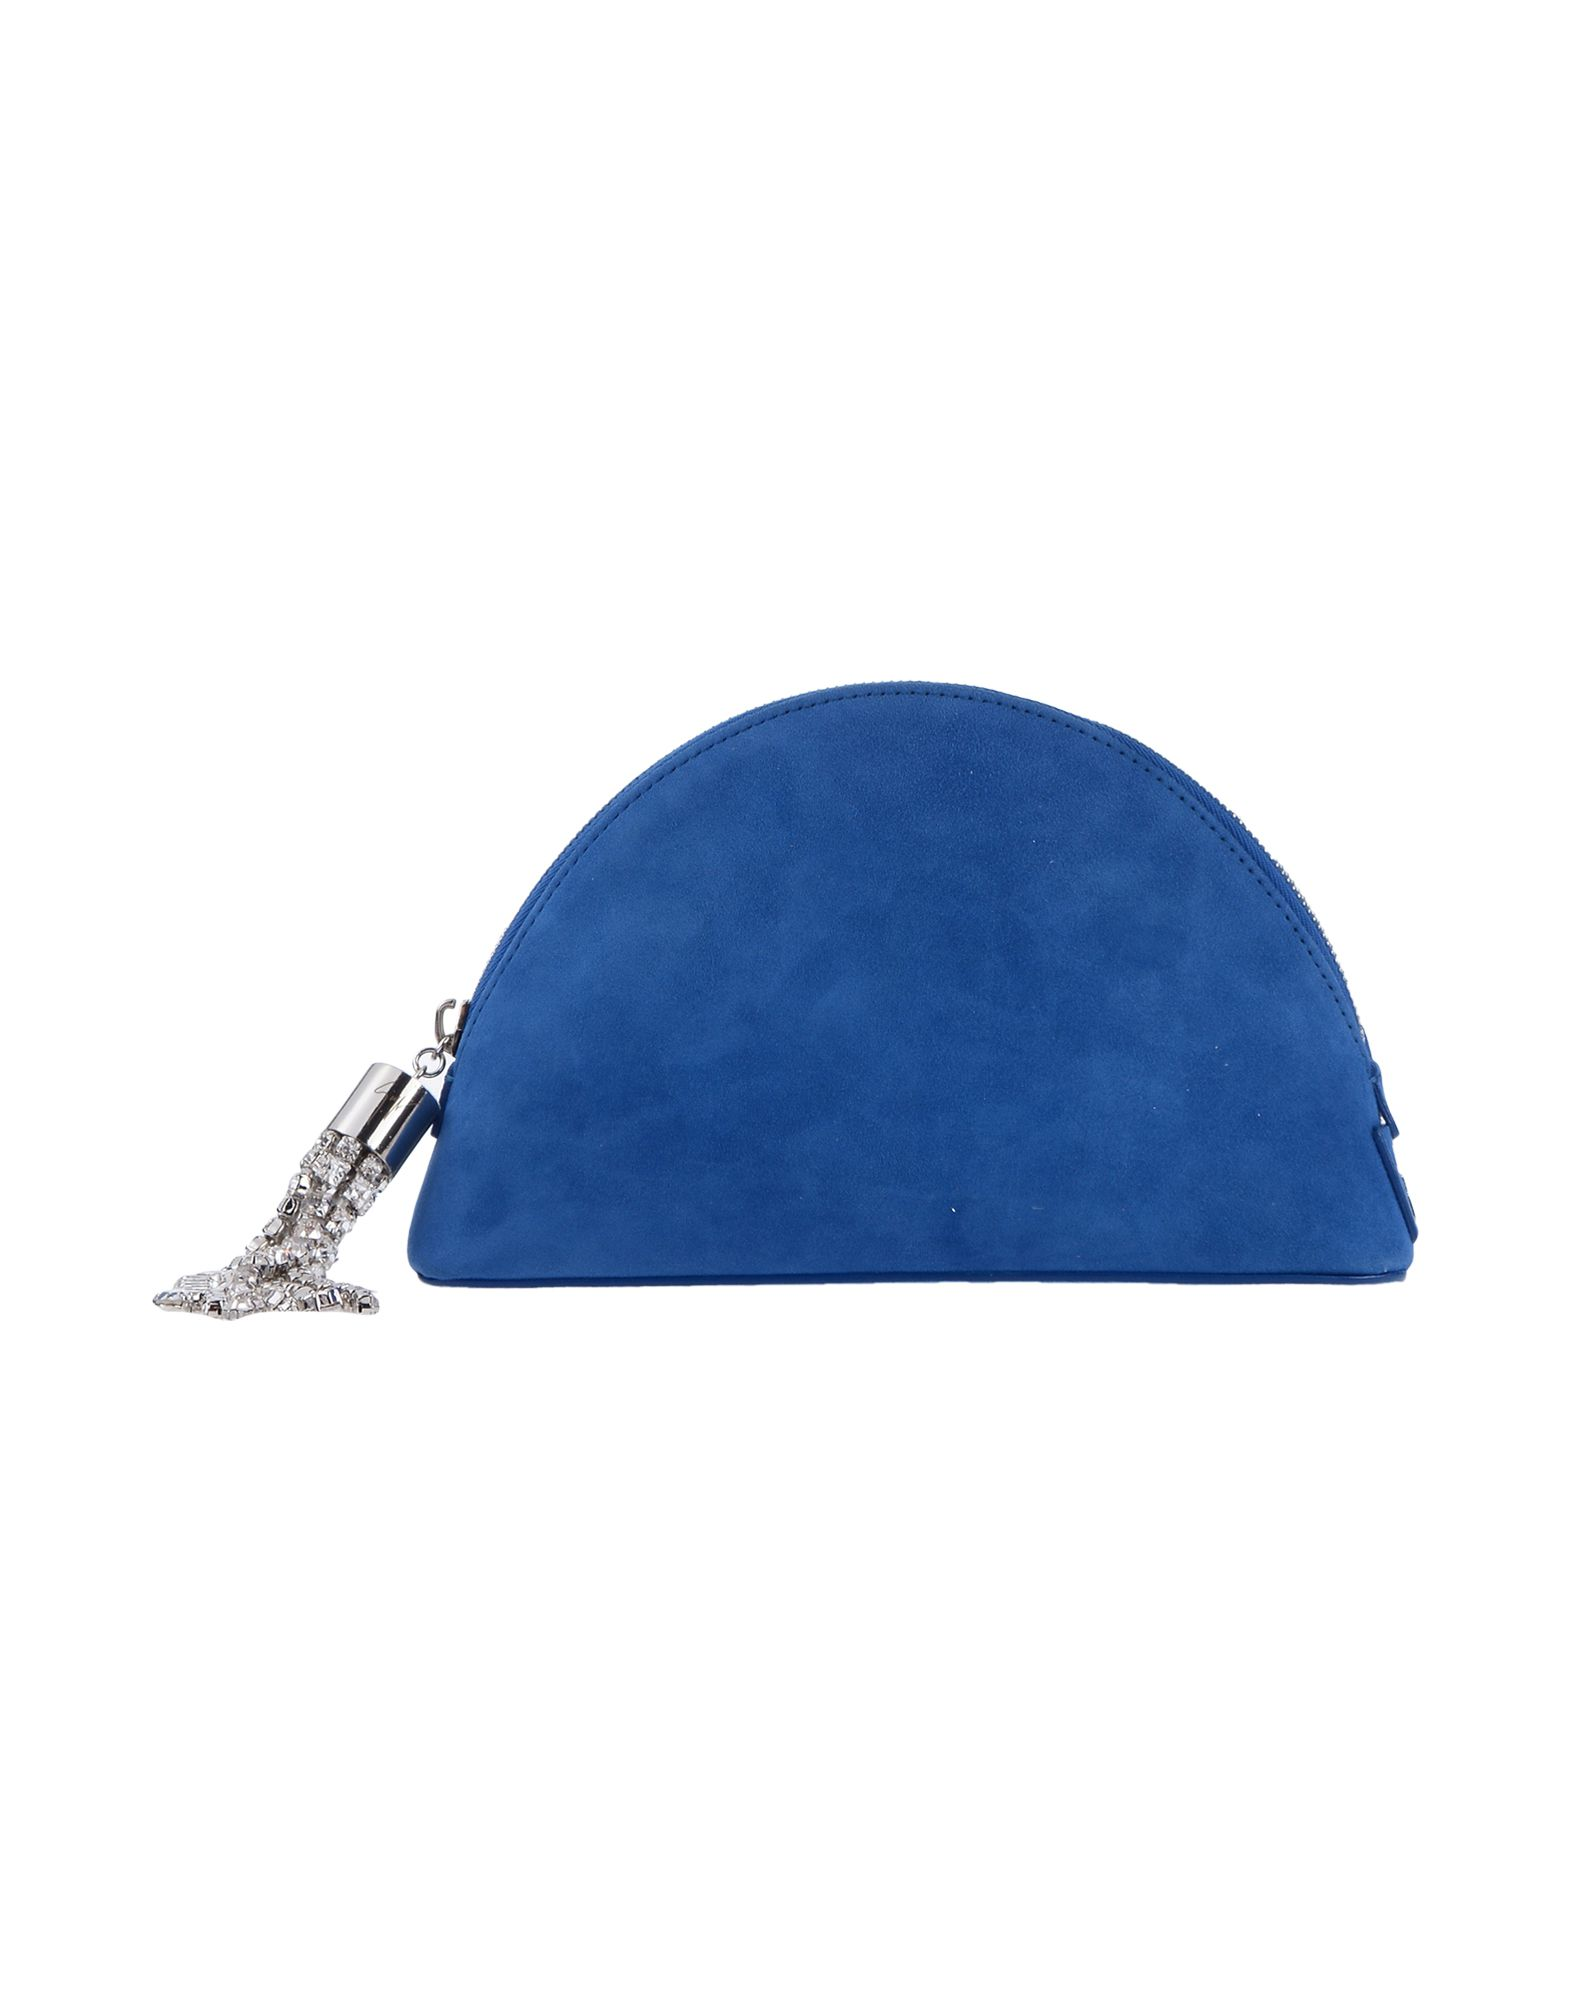 《送料無料》GIUSEPPE ZANOTTI レディース ハンドバッグ ブルー 革